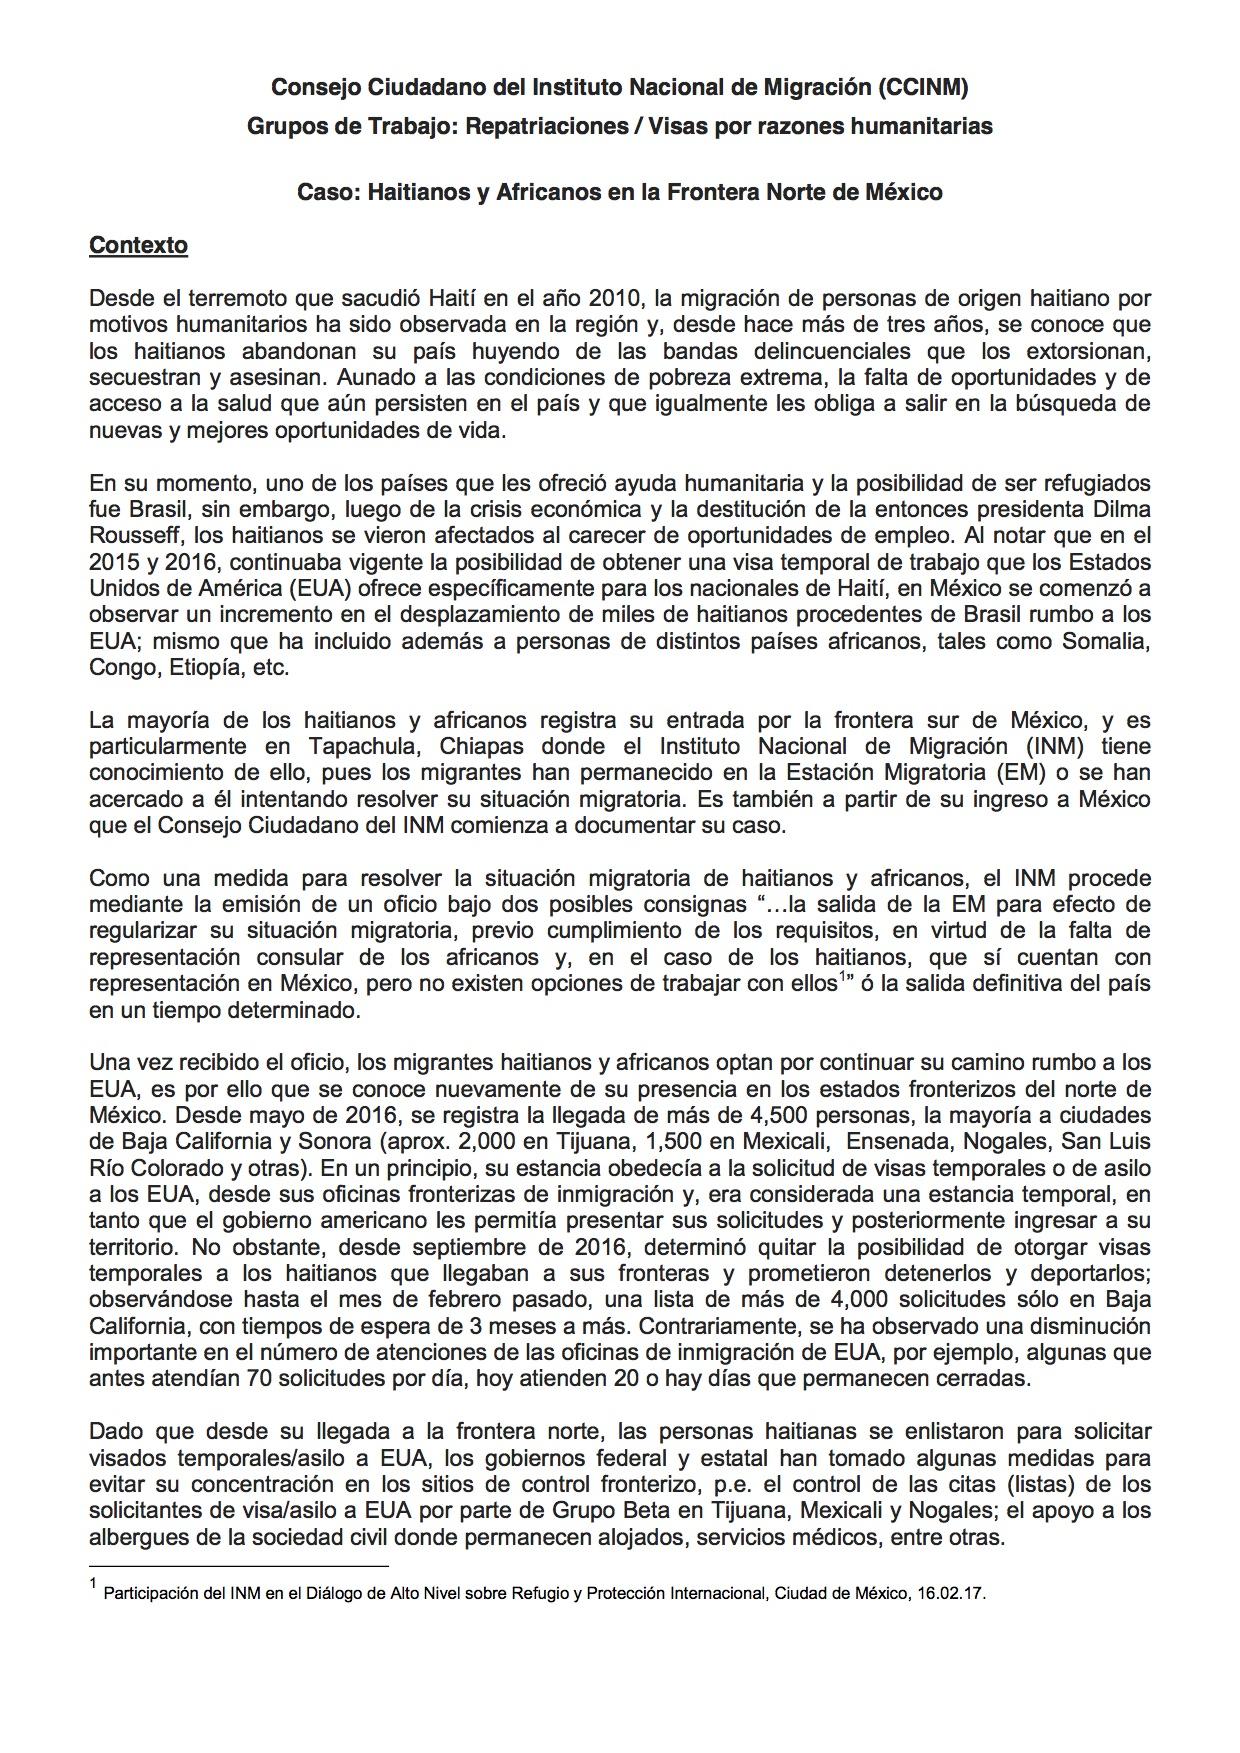 Informe Caso Haitianos y Africanos (2)